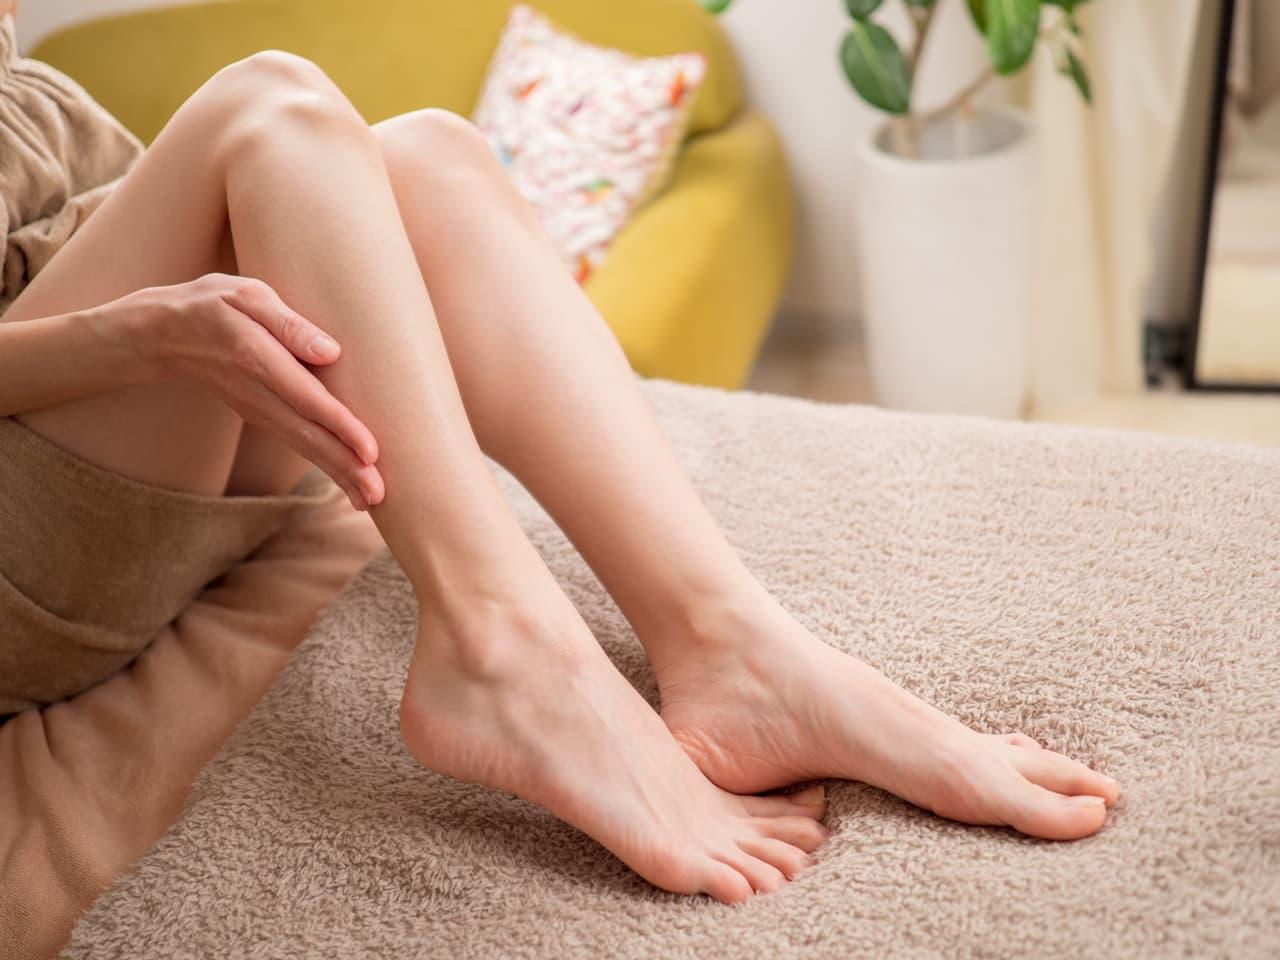 足を触る女性の画像